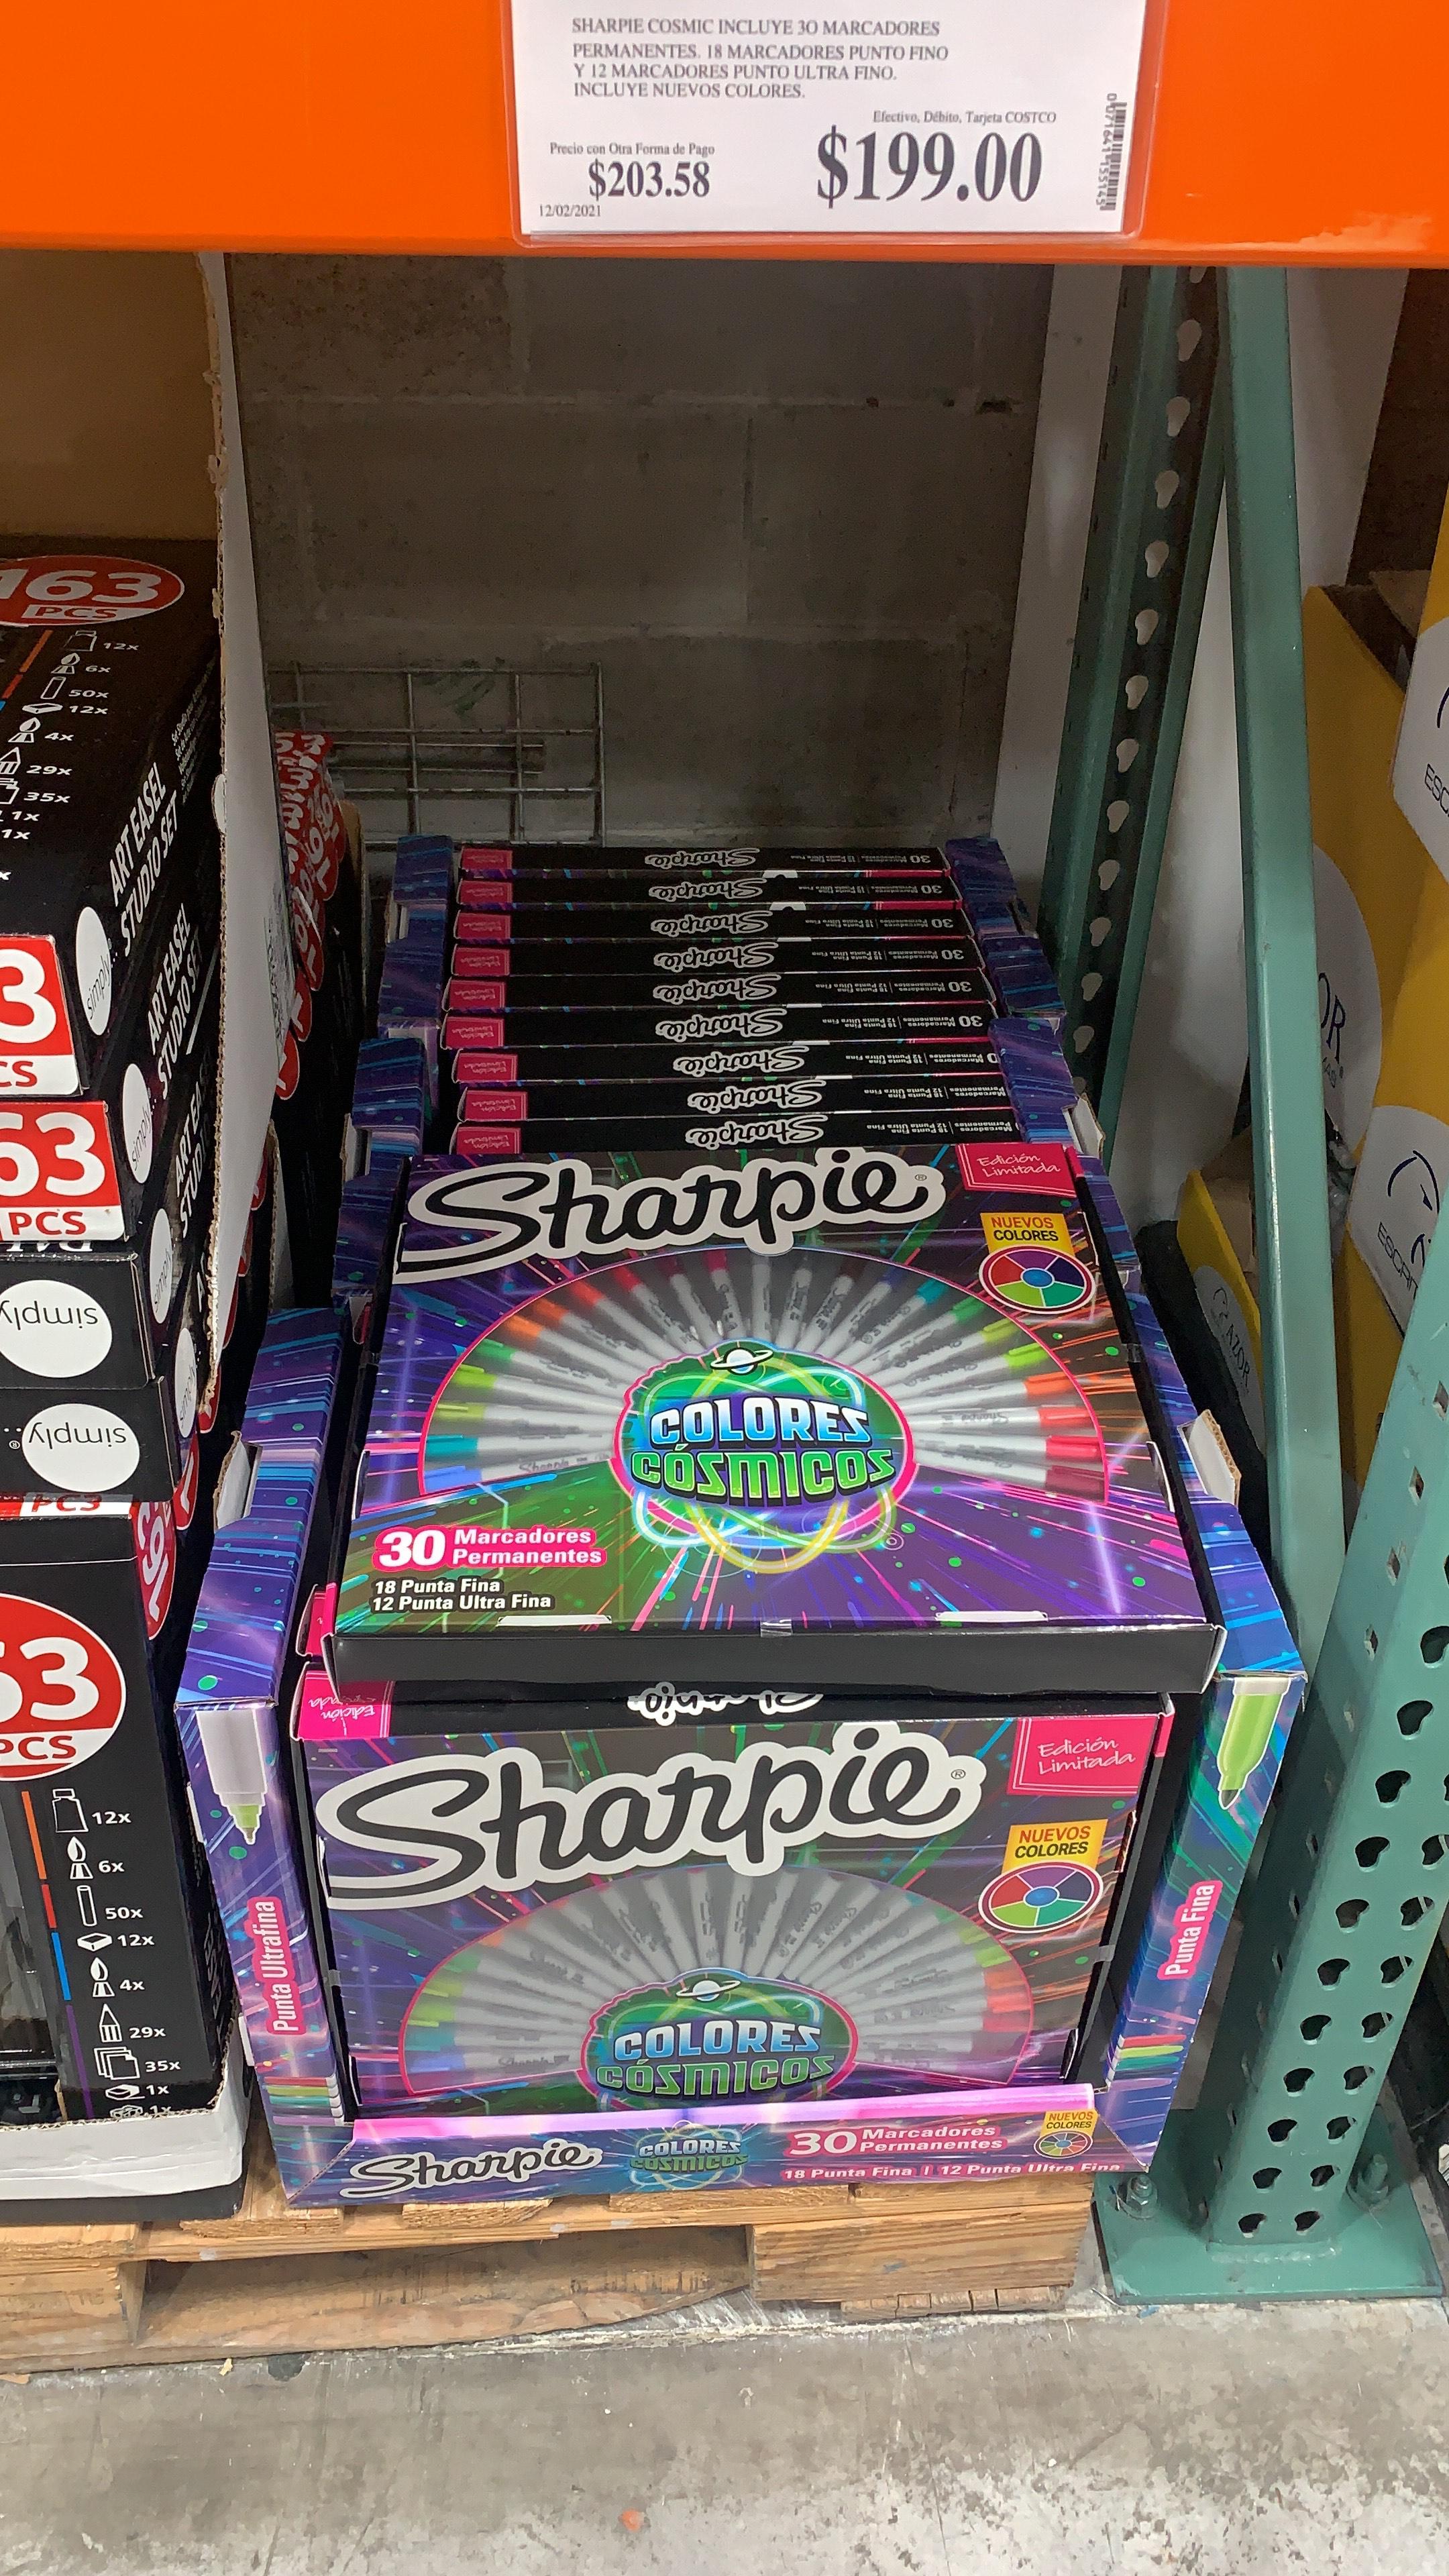 Costco Sharpie, Marcadores Permanentes 30 Piezas. Costco Xalapa Ver.